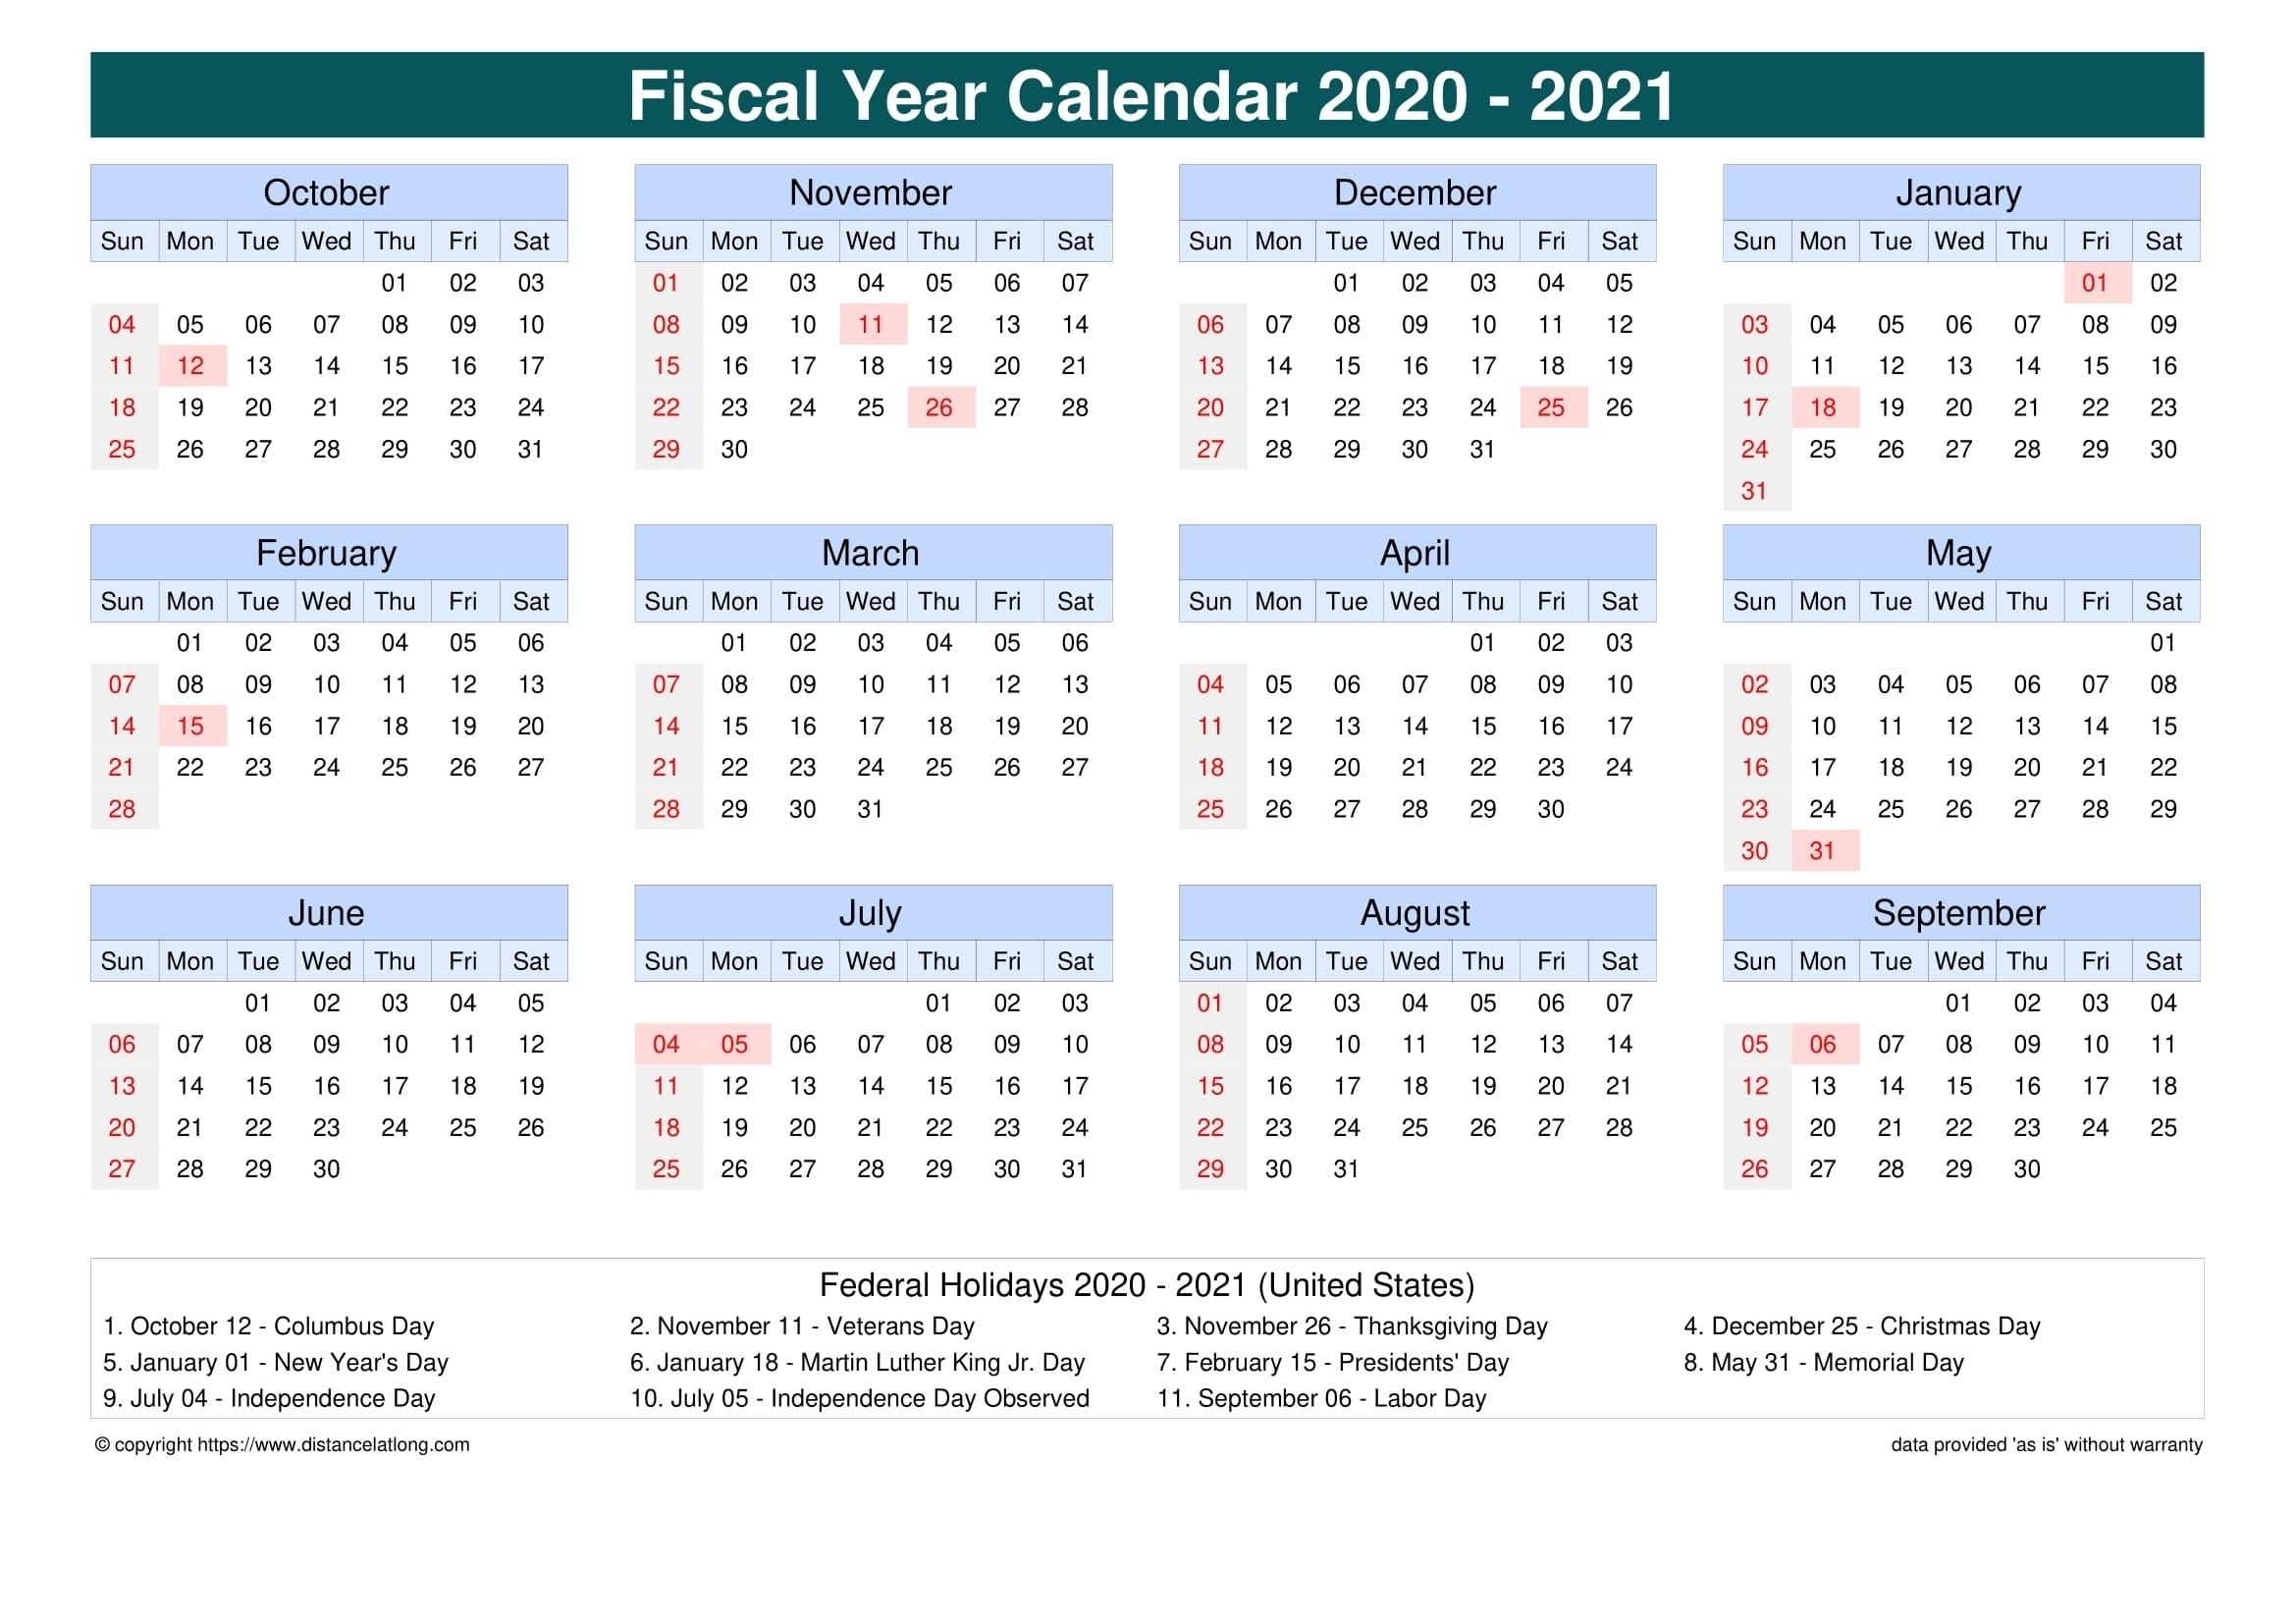 Take Financial Year Week Numbers